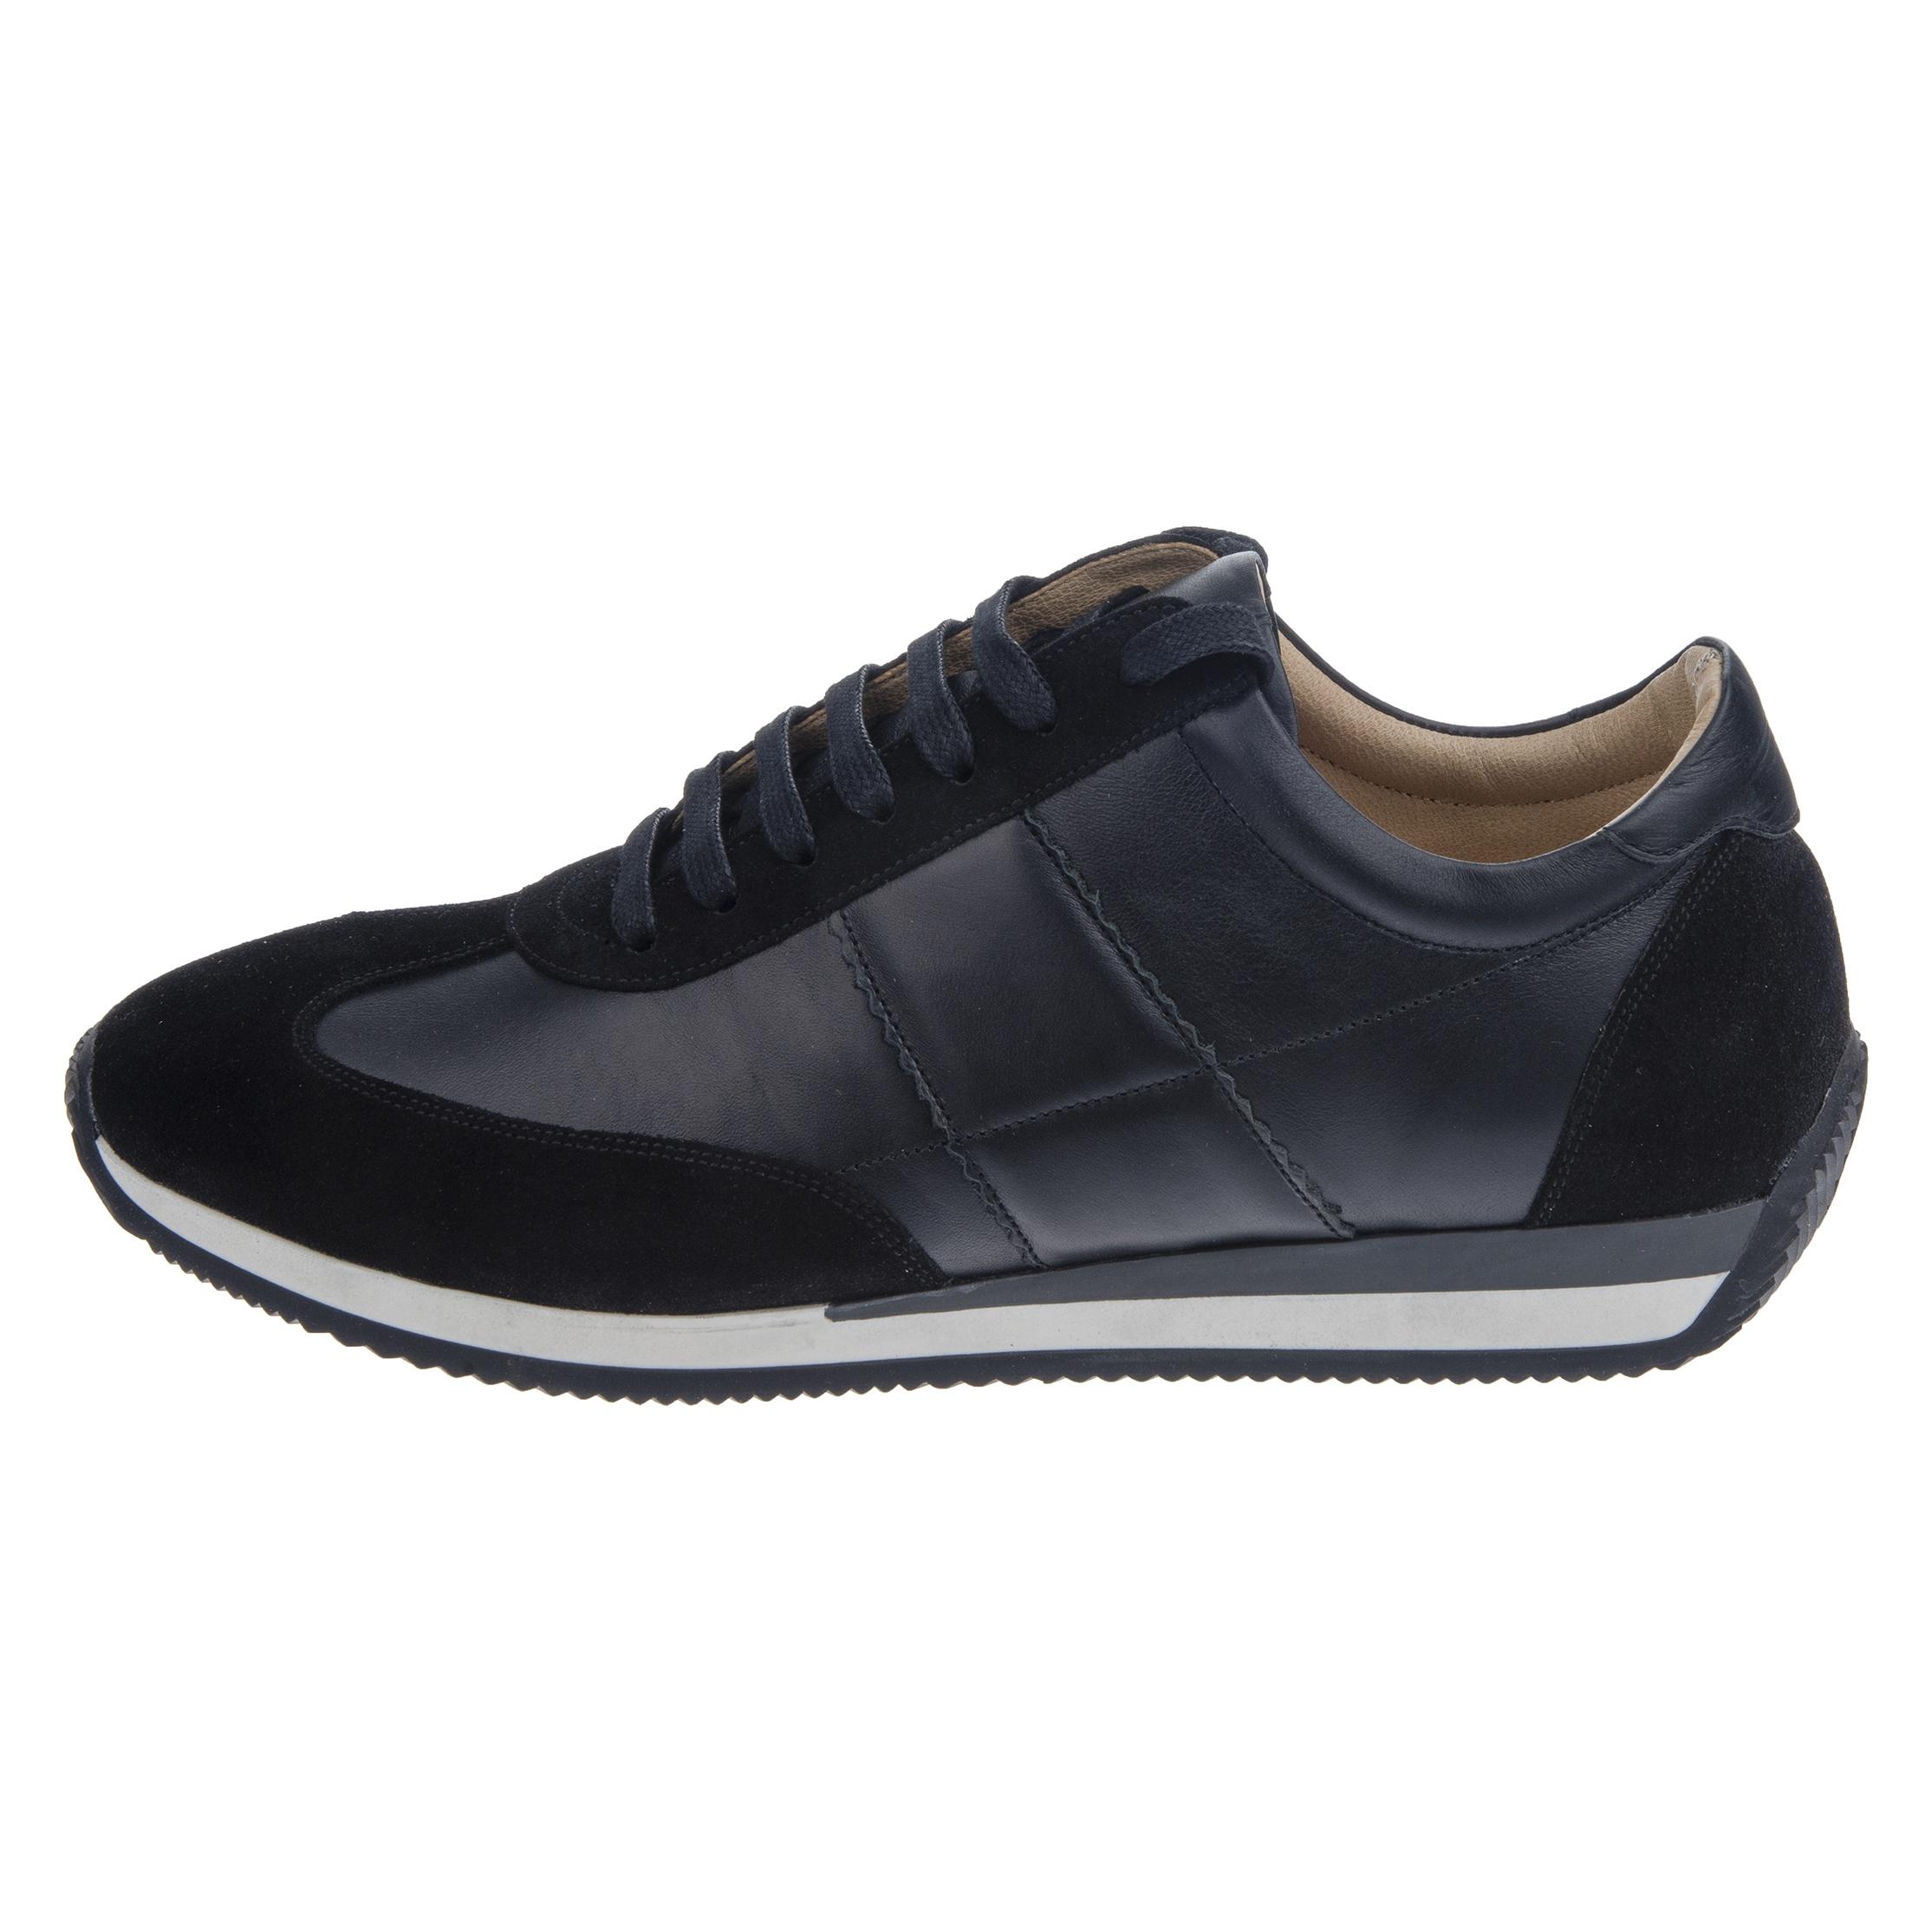 کفش روزمره مردانه برتونیکس مدل 454-27